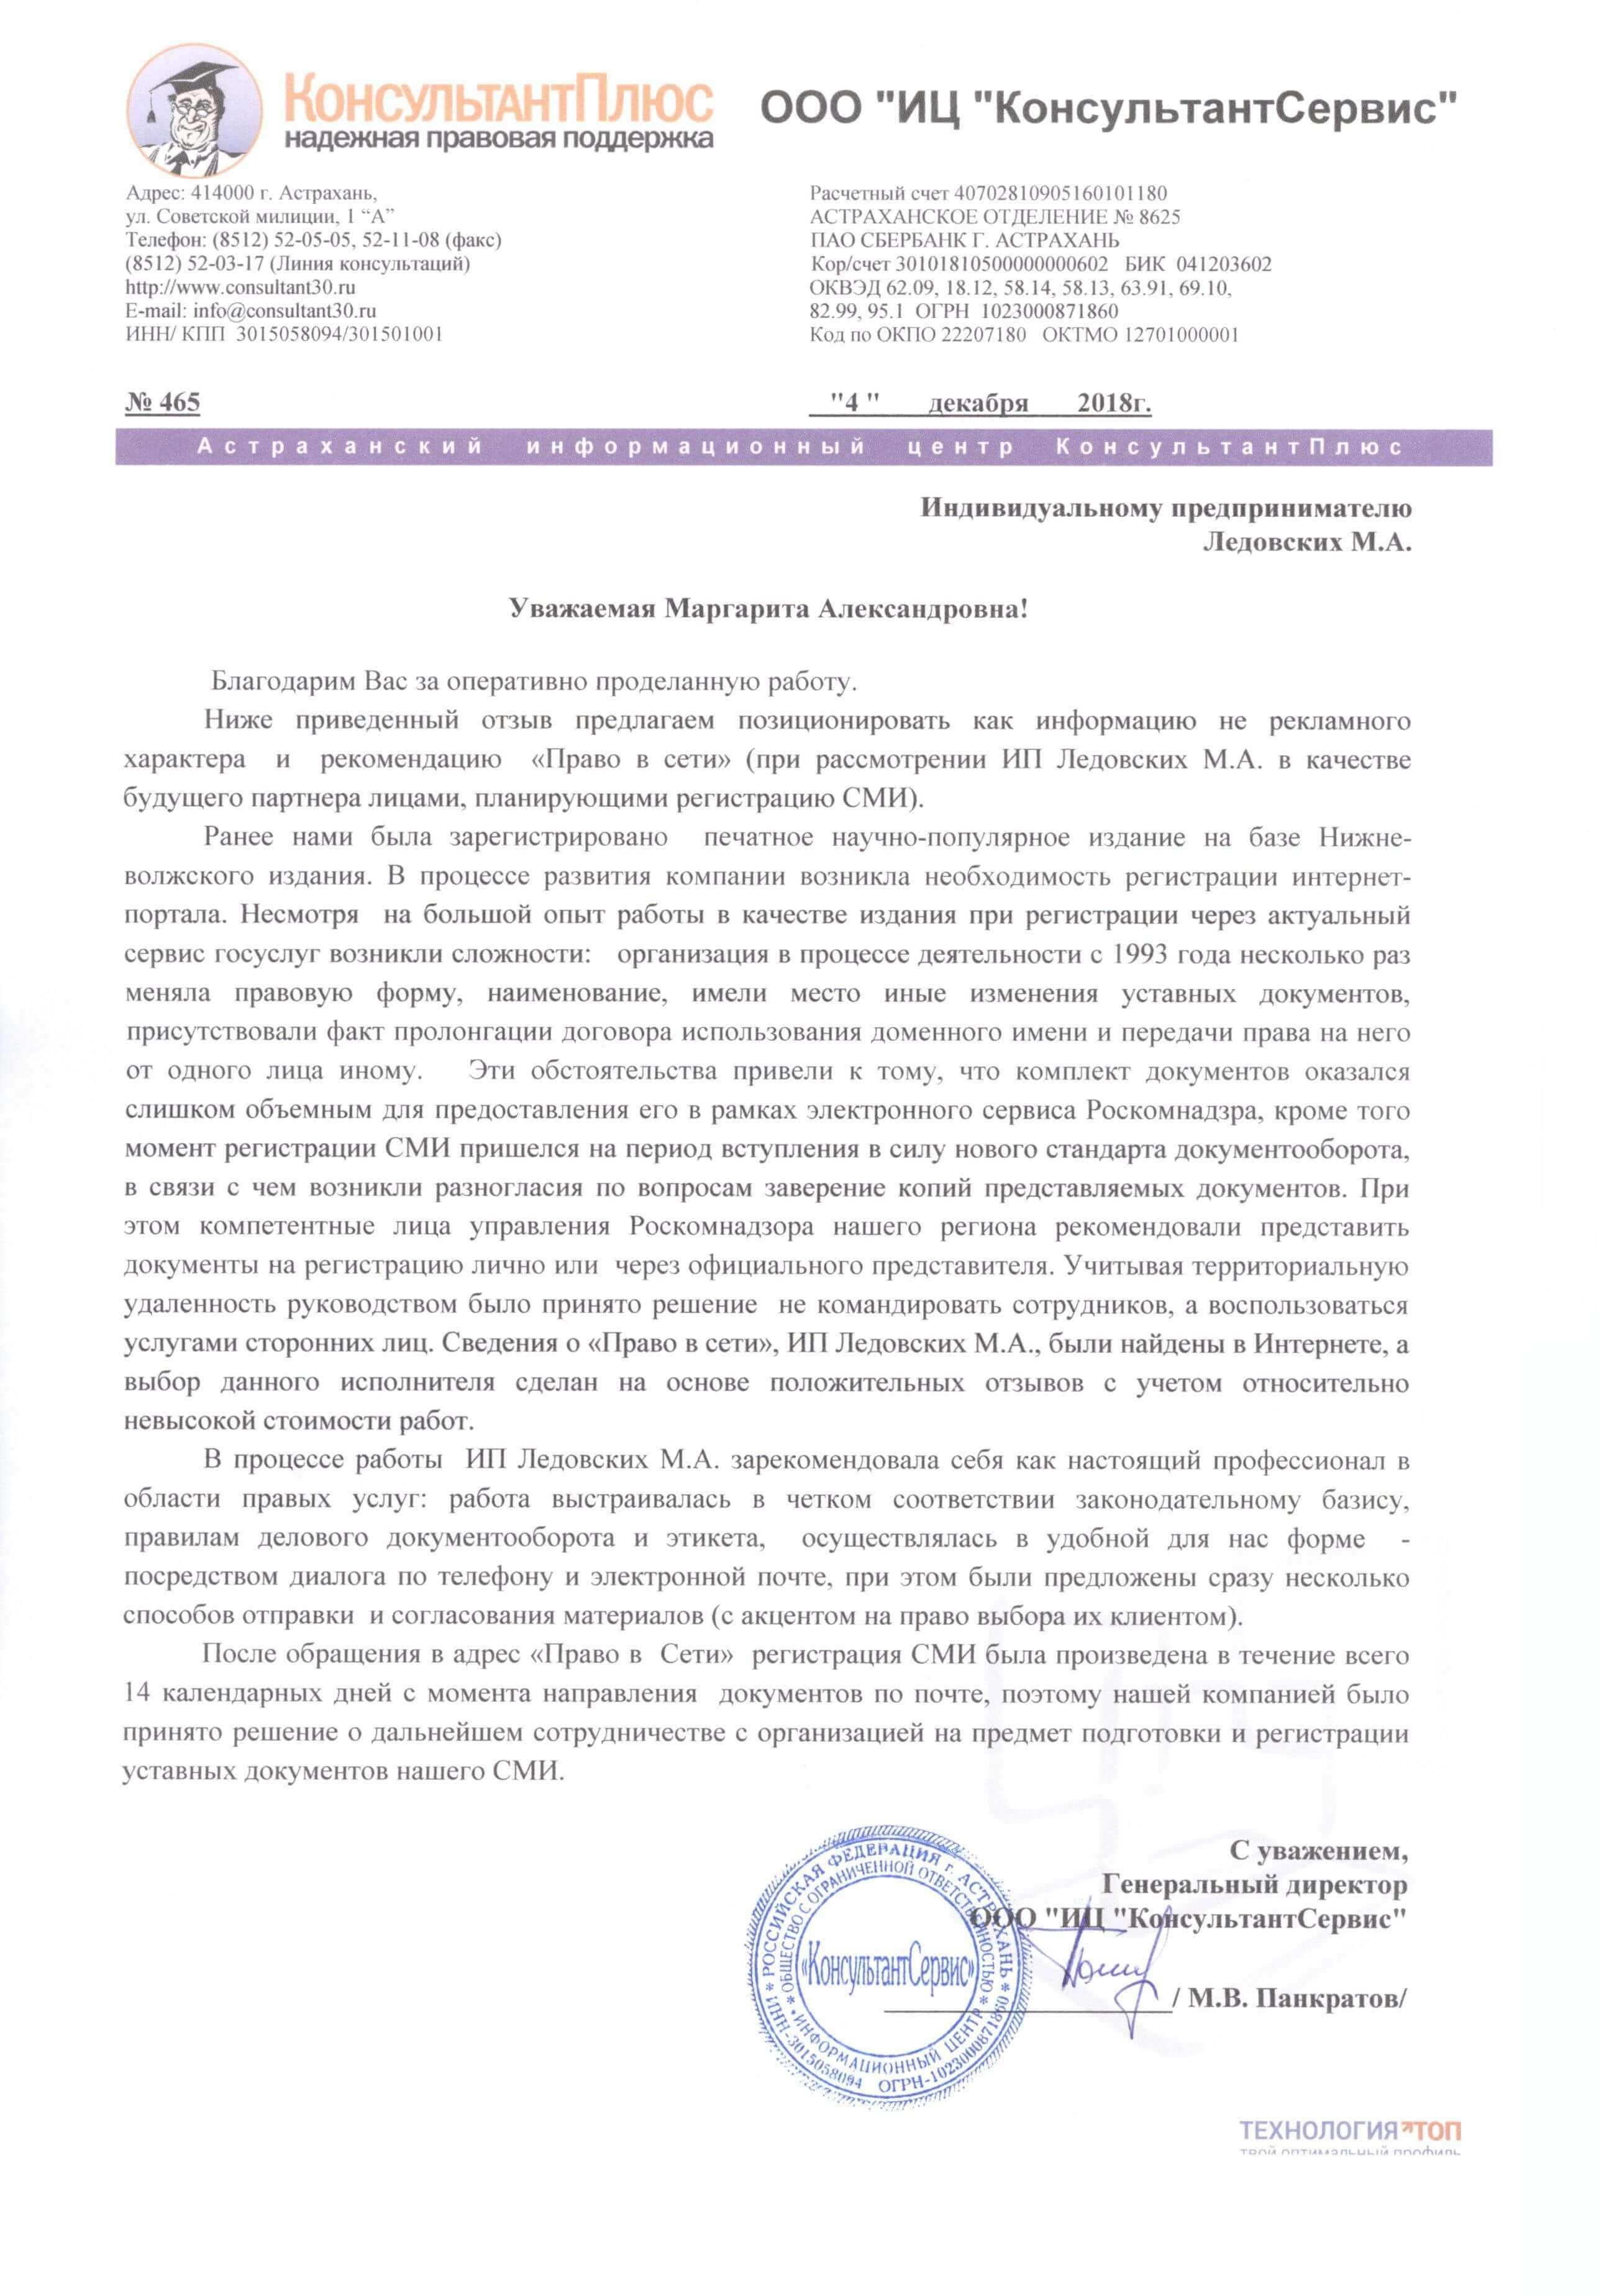 Отзыв генерального директора ООО ИЦ